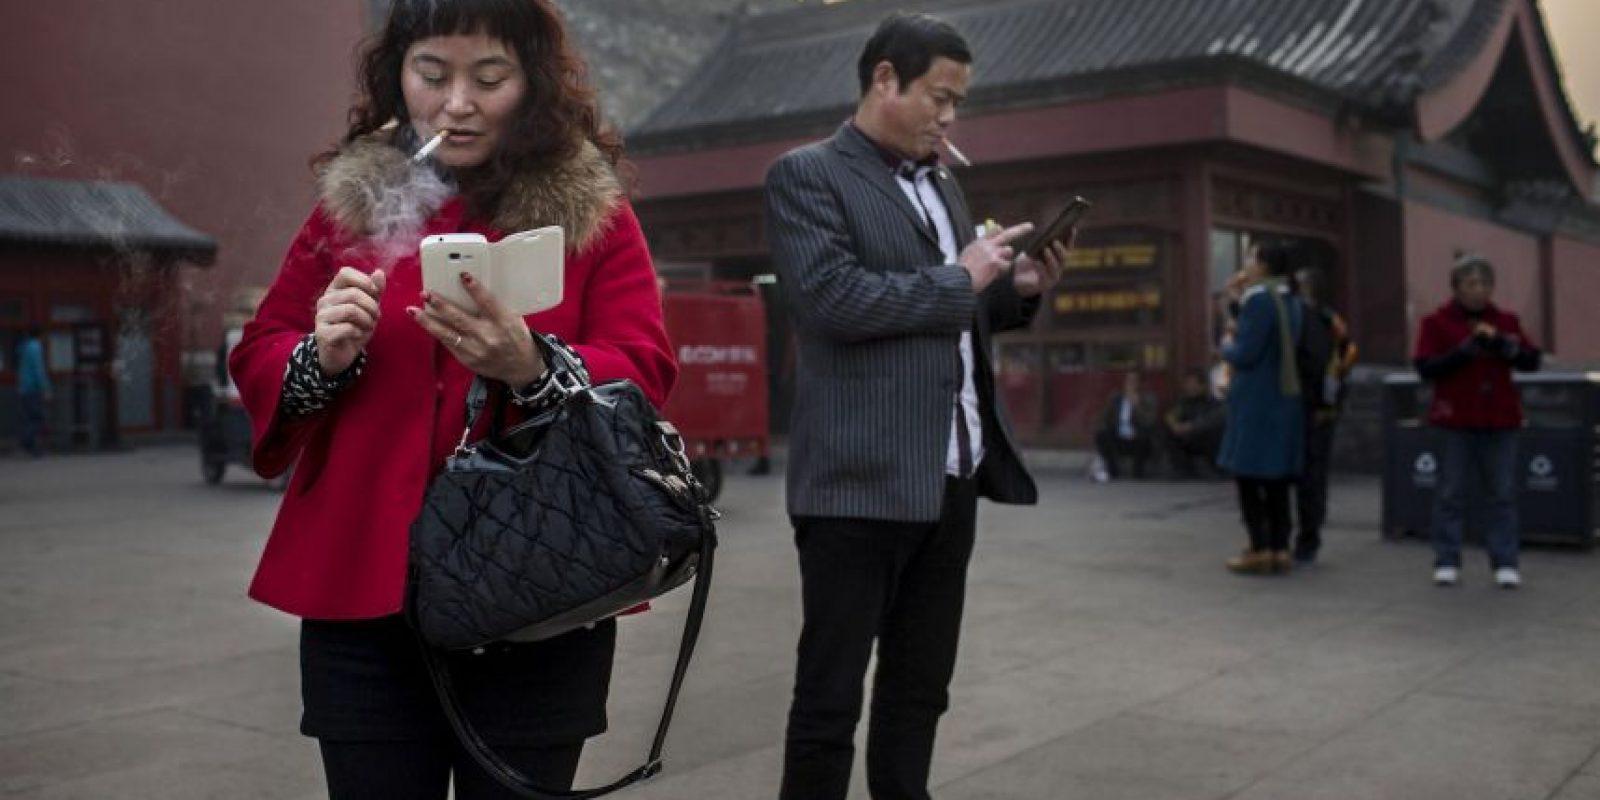 Mientras que una mujer vivirá 76.68 años, según datos de 2013. Foto:Getty Images